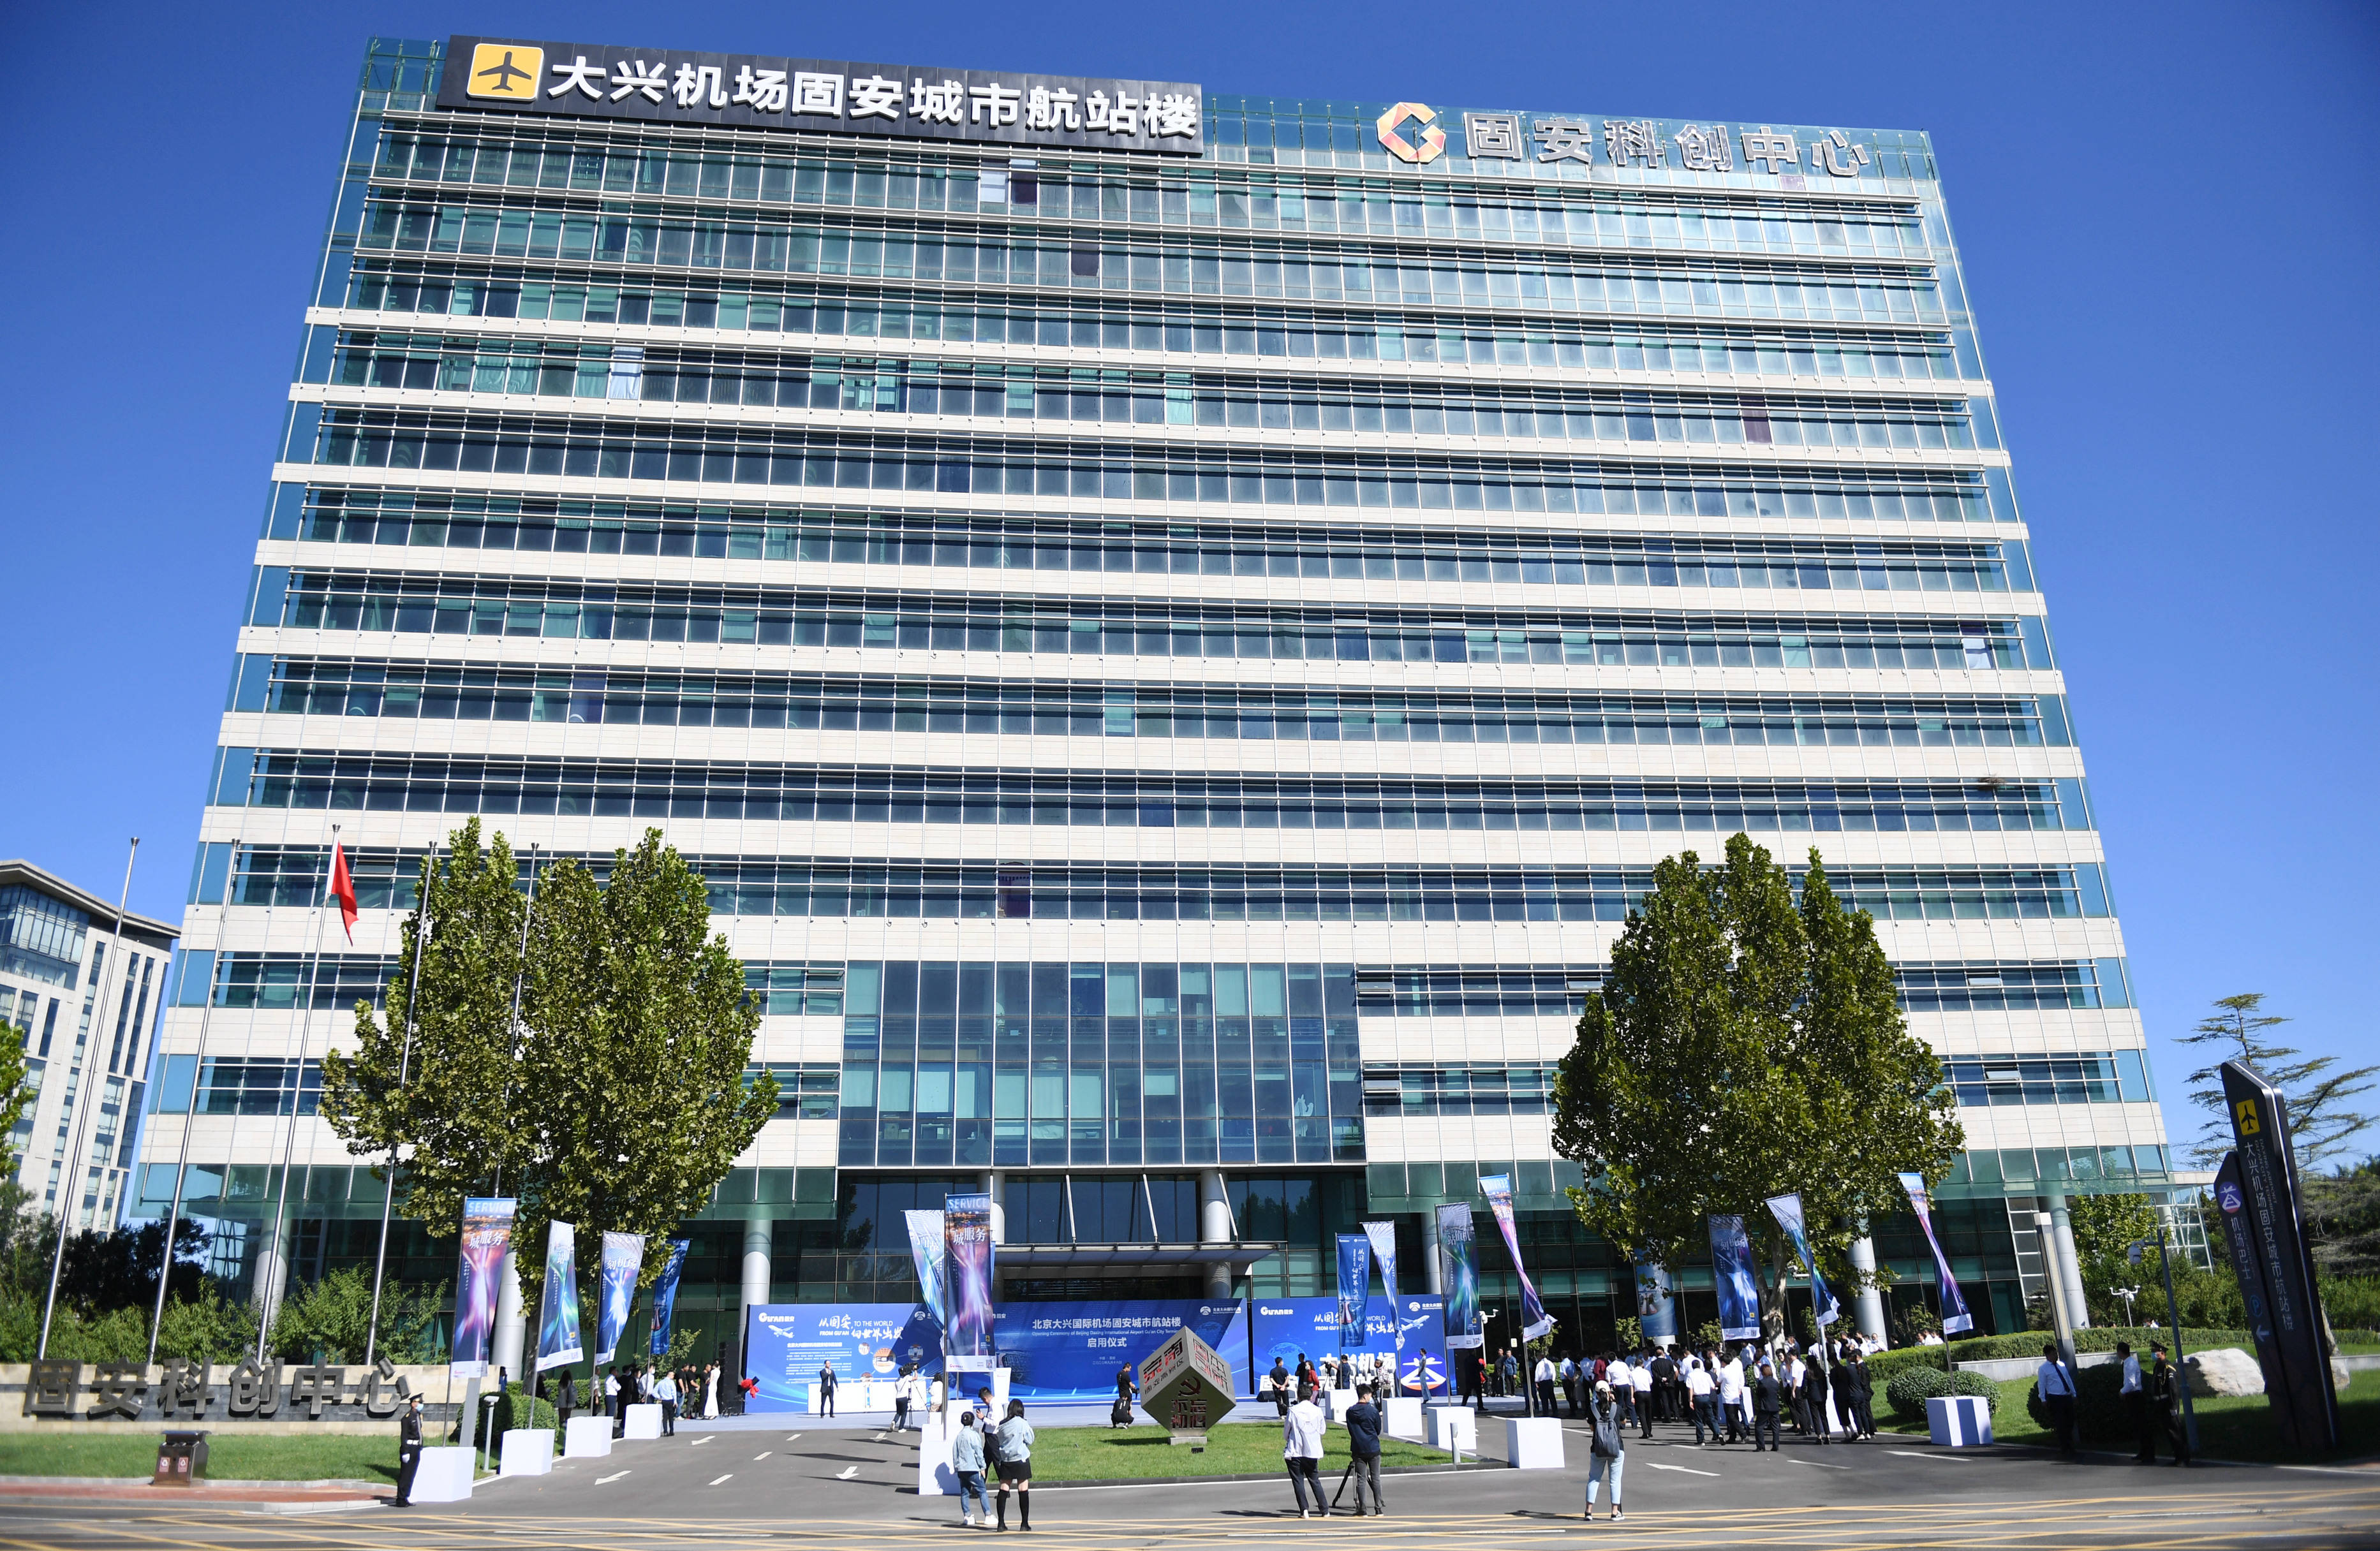 探访北京大兴国际机场首座跨省异地城市航站楼